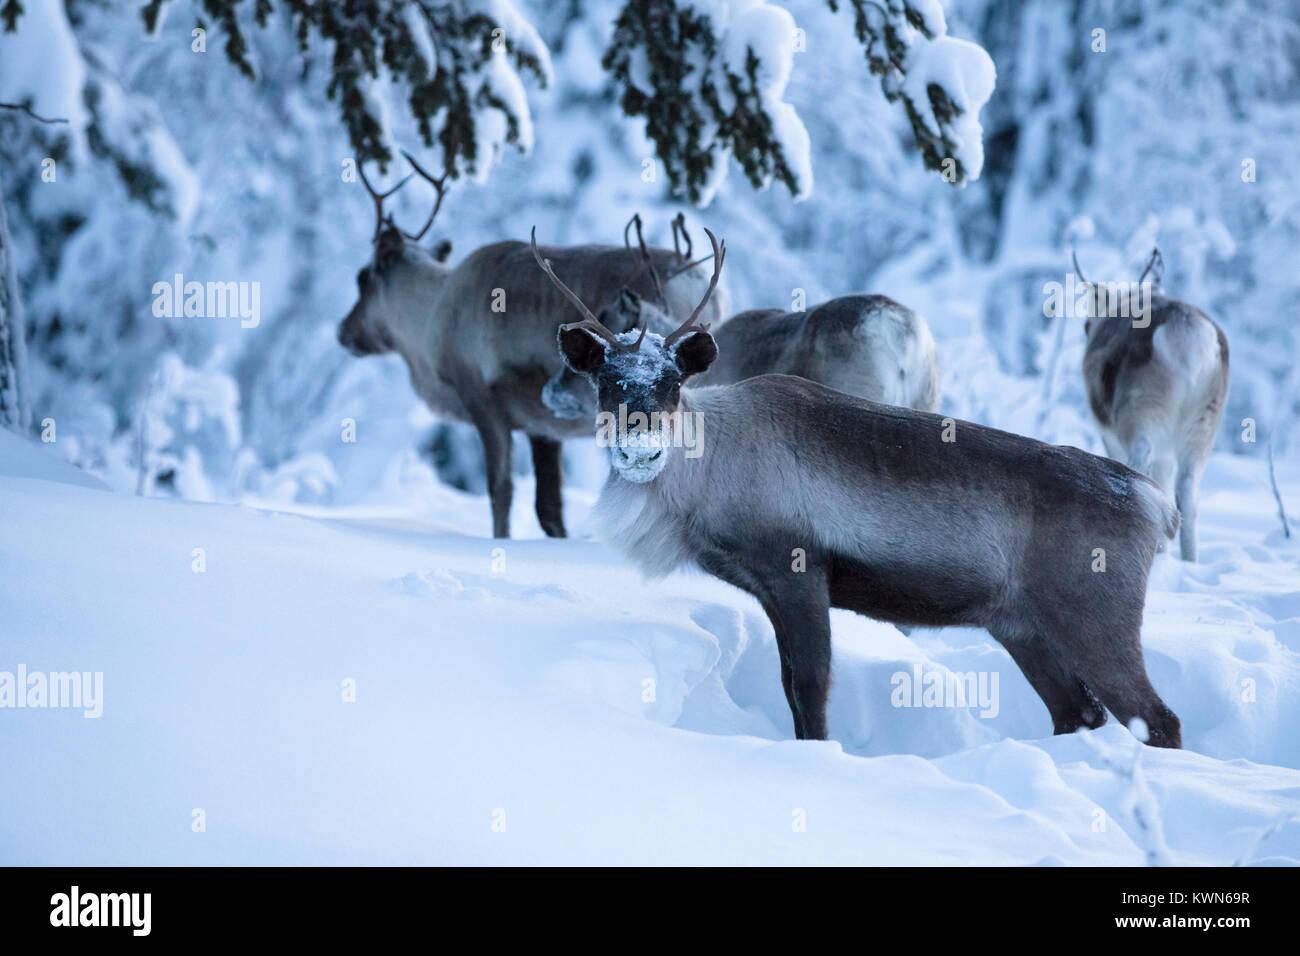 Les rennes de l'alimentation dans la neige profonde. Photo Stock